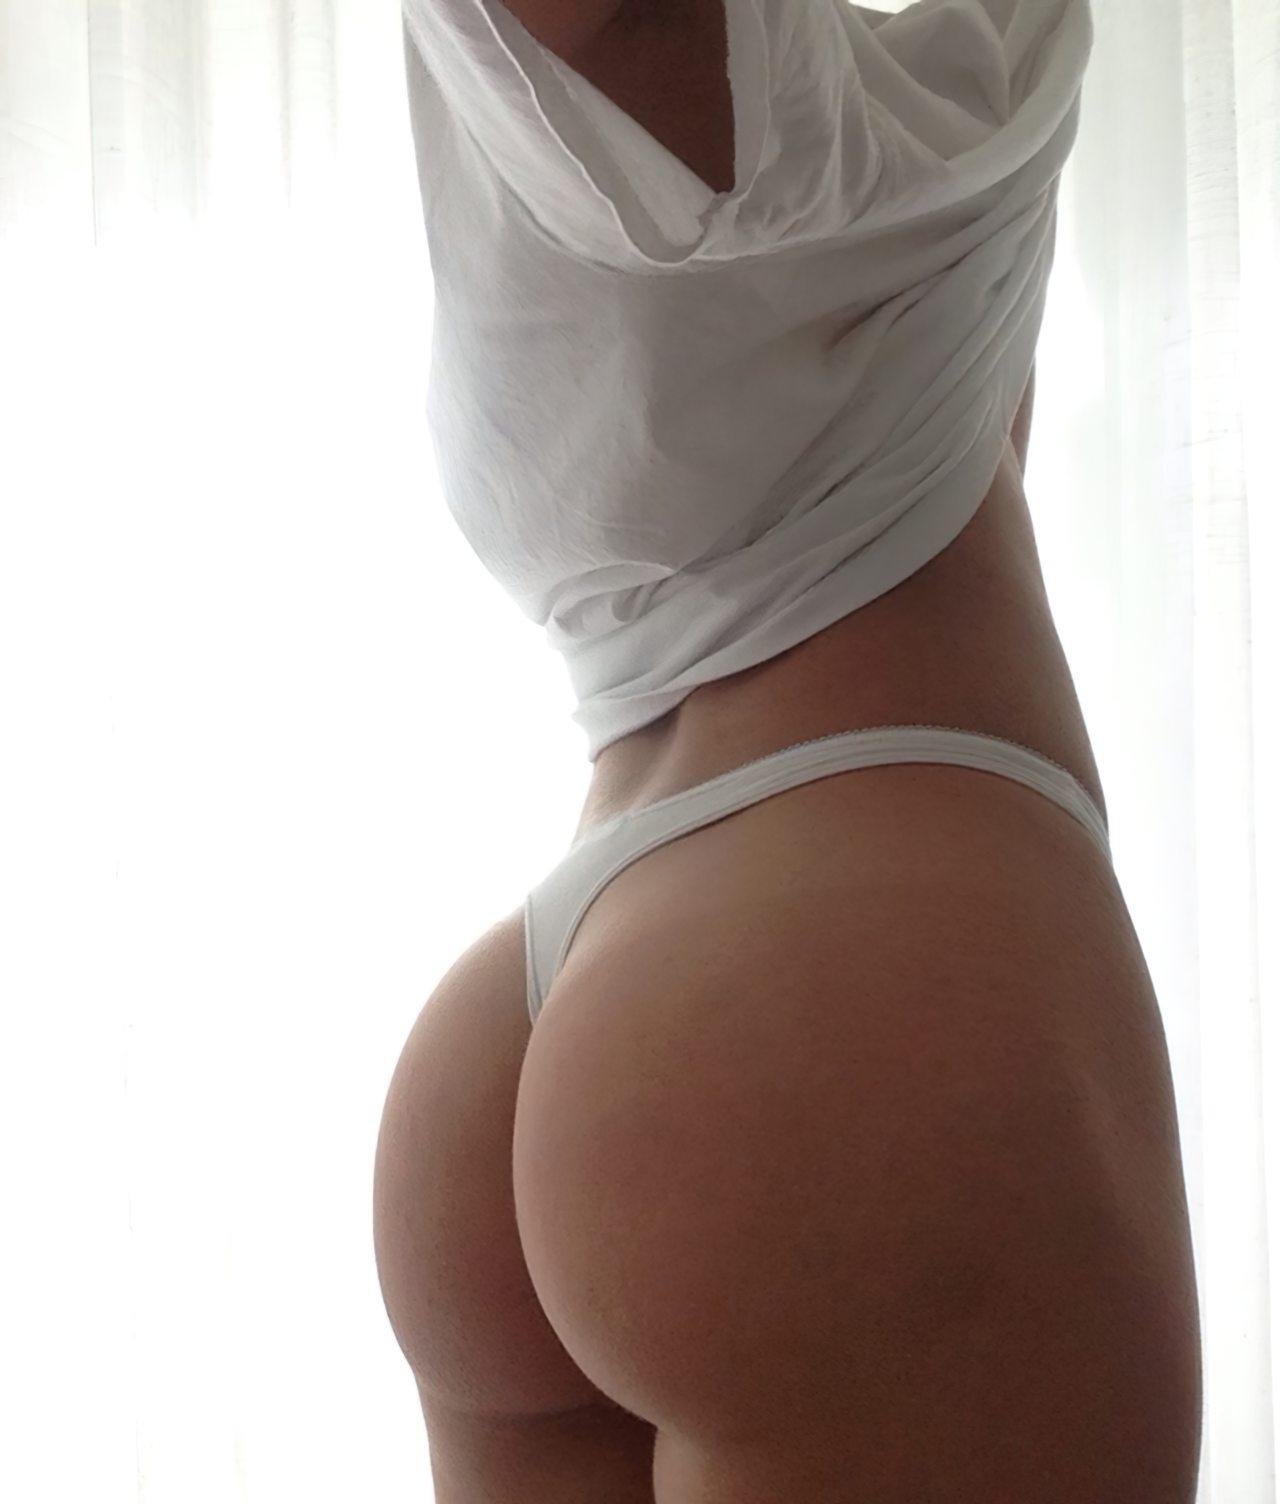 Mulher Pelada (46)